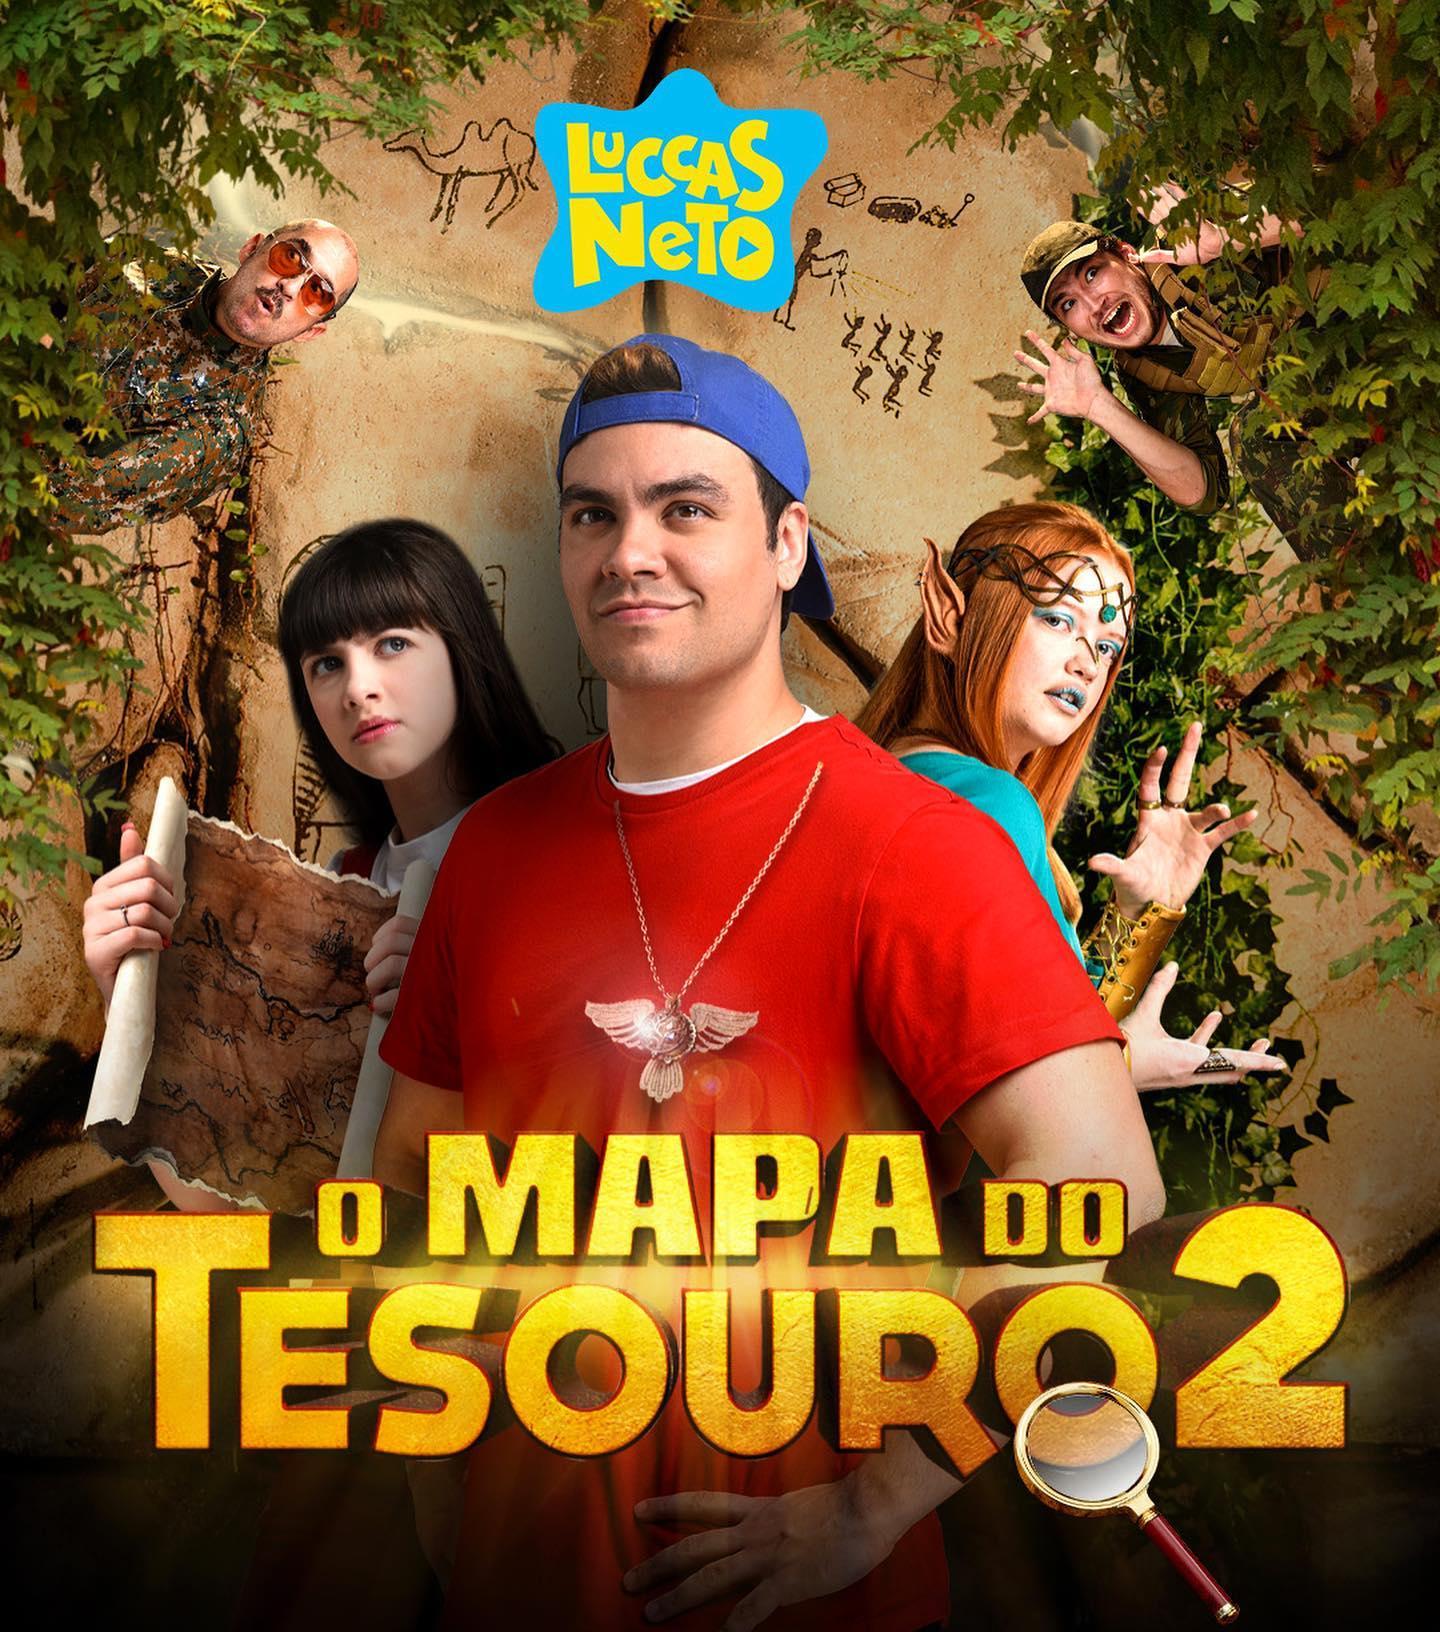 Luccas Neto em: O Mapa do Tesouro 2 - Filme 2021 - AdoroCinema